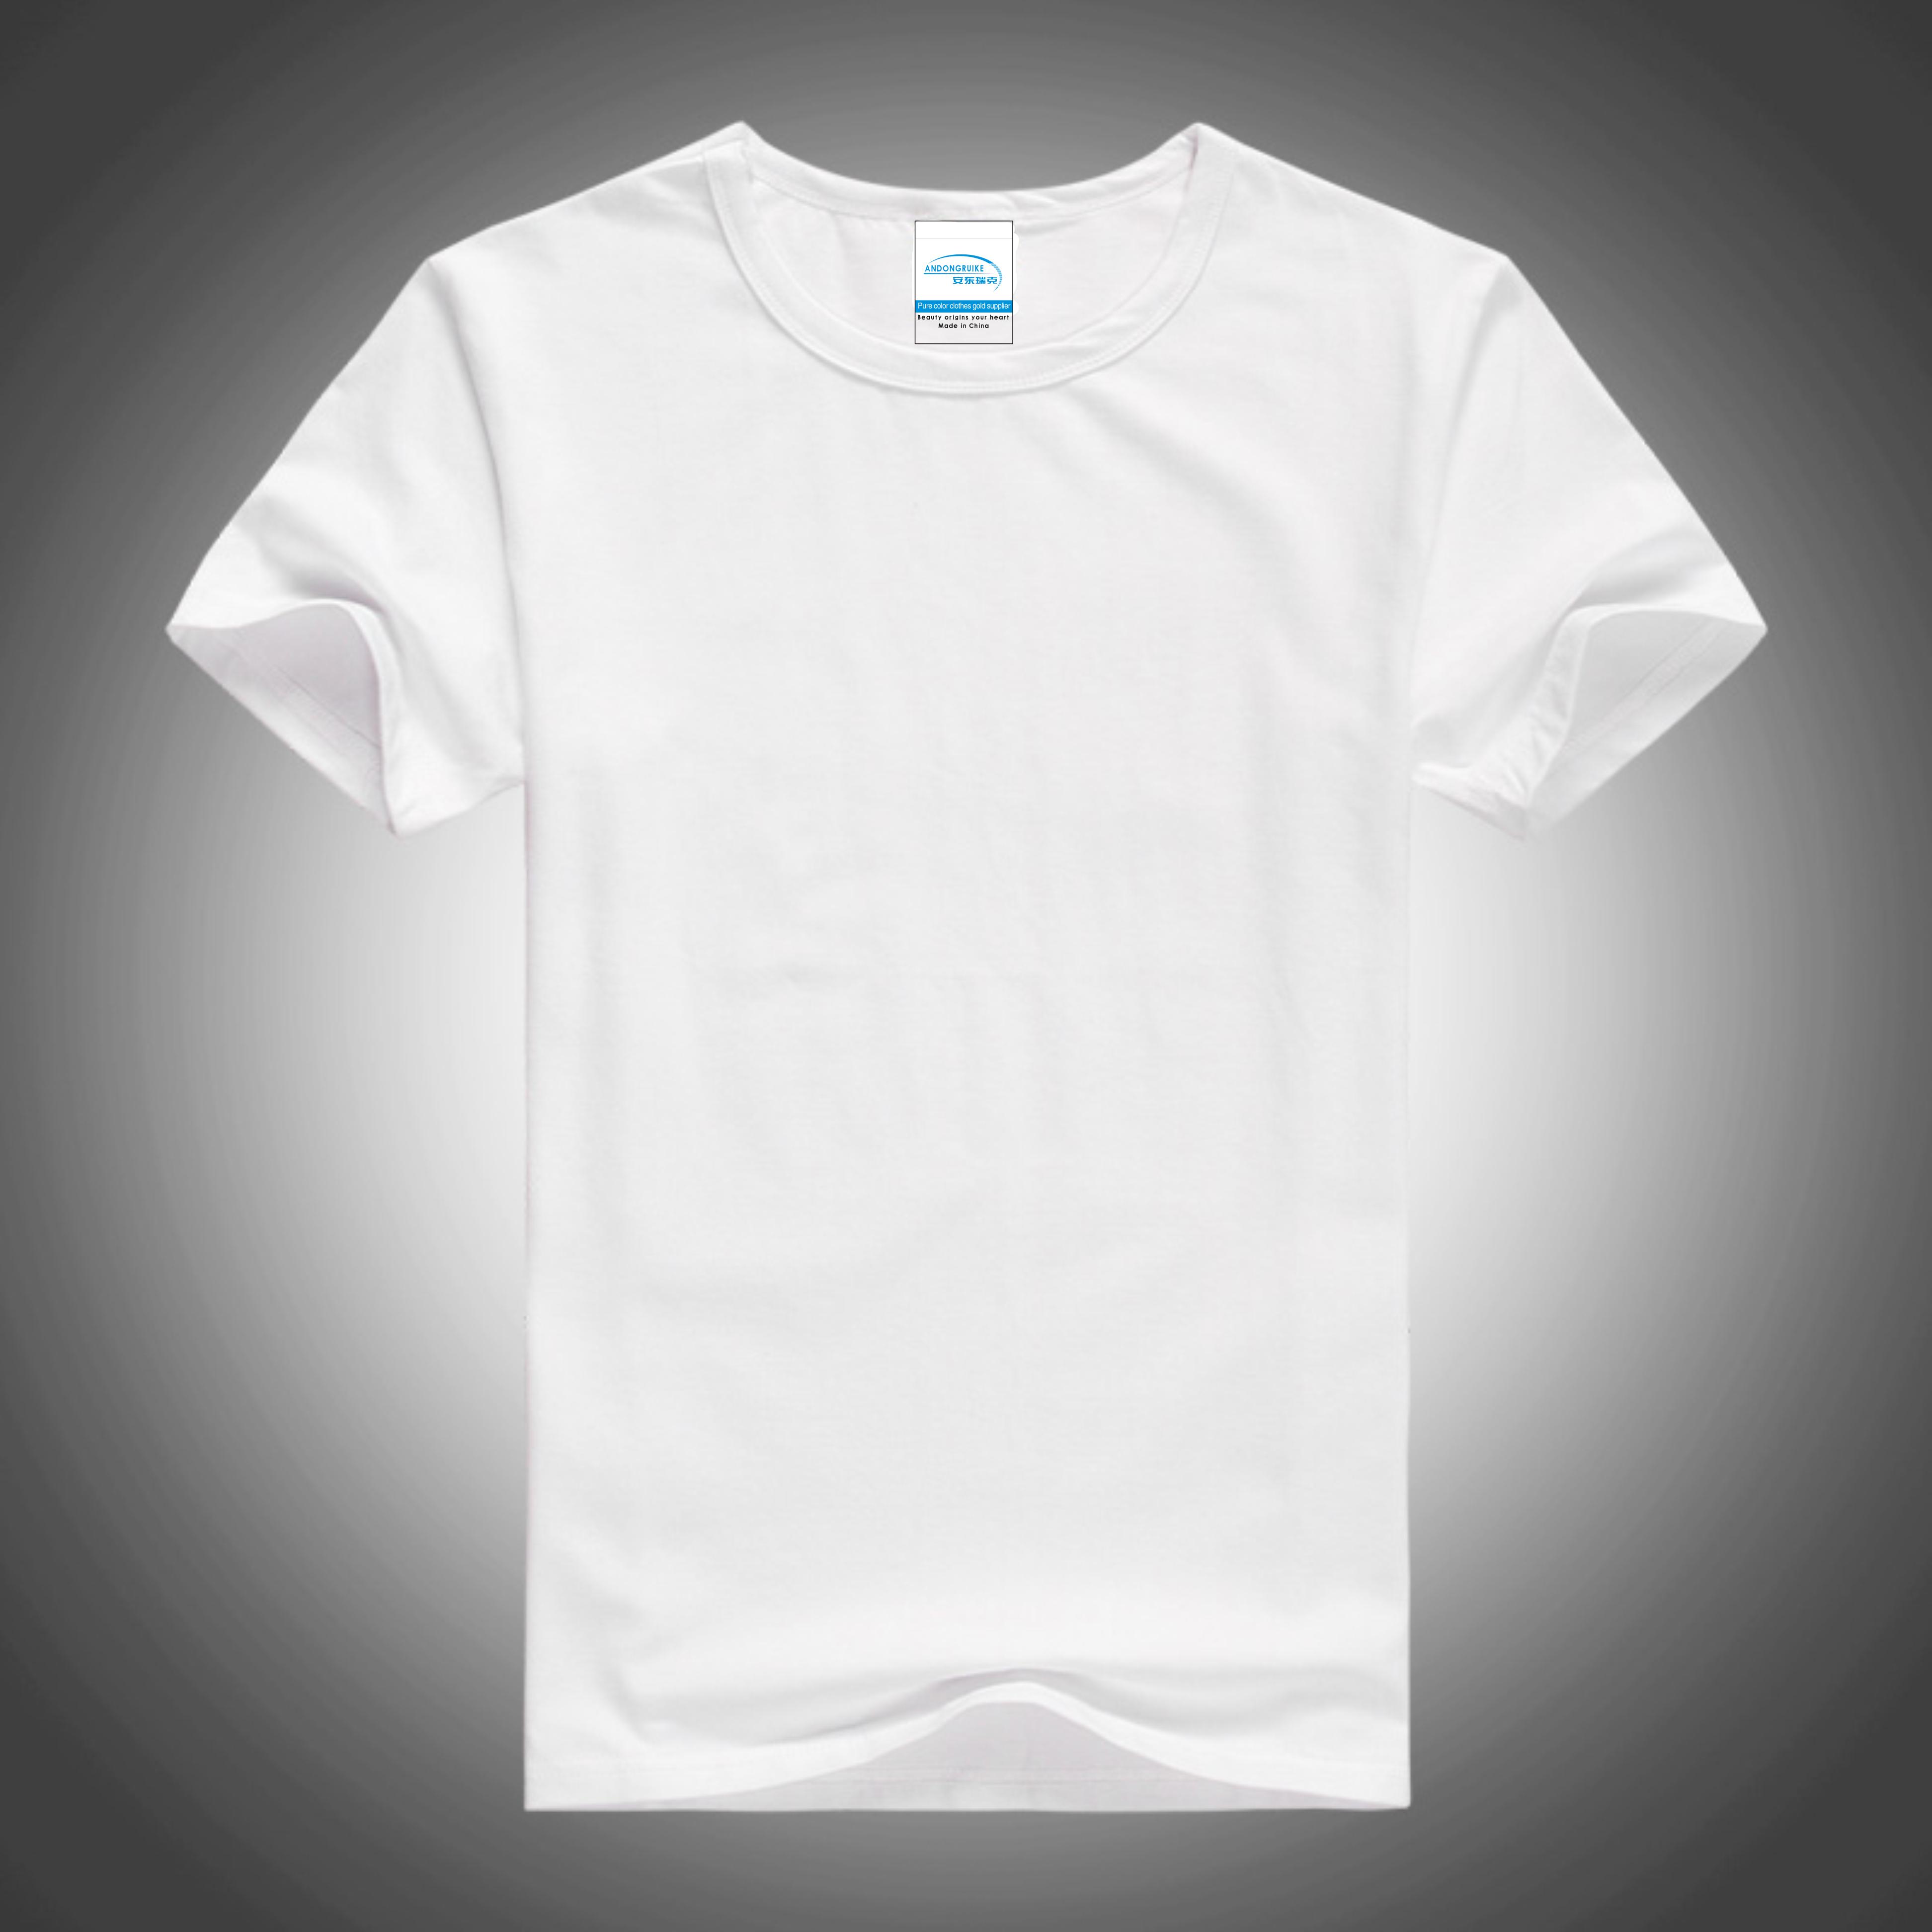 Nam và nữ 200 gram văn hóa quảng cáo áo sơ mi phương thức dài- tay trống t- shirt nhiệt chuyển thăng hoa tùy chỉnh áo polo nam